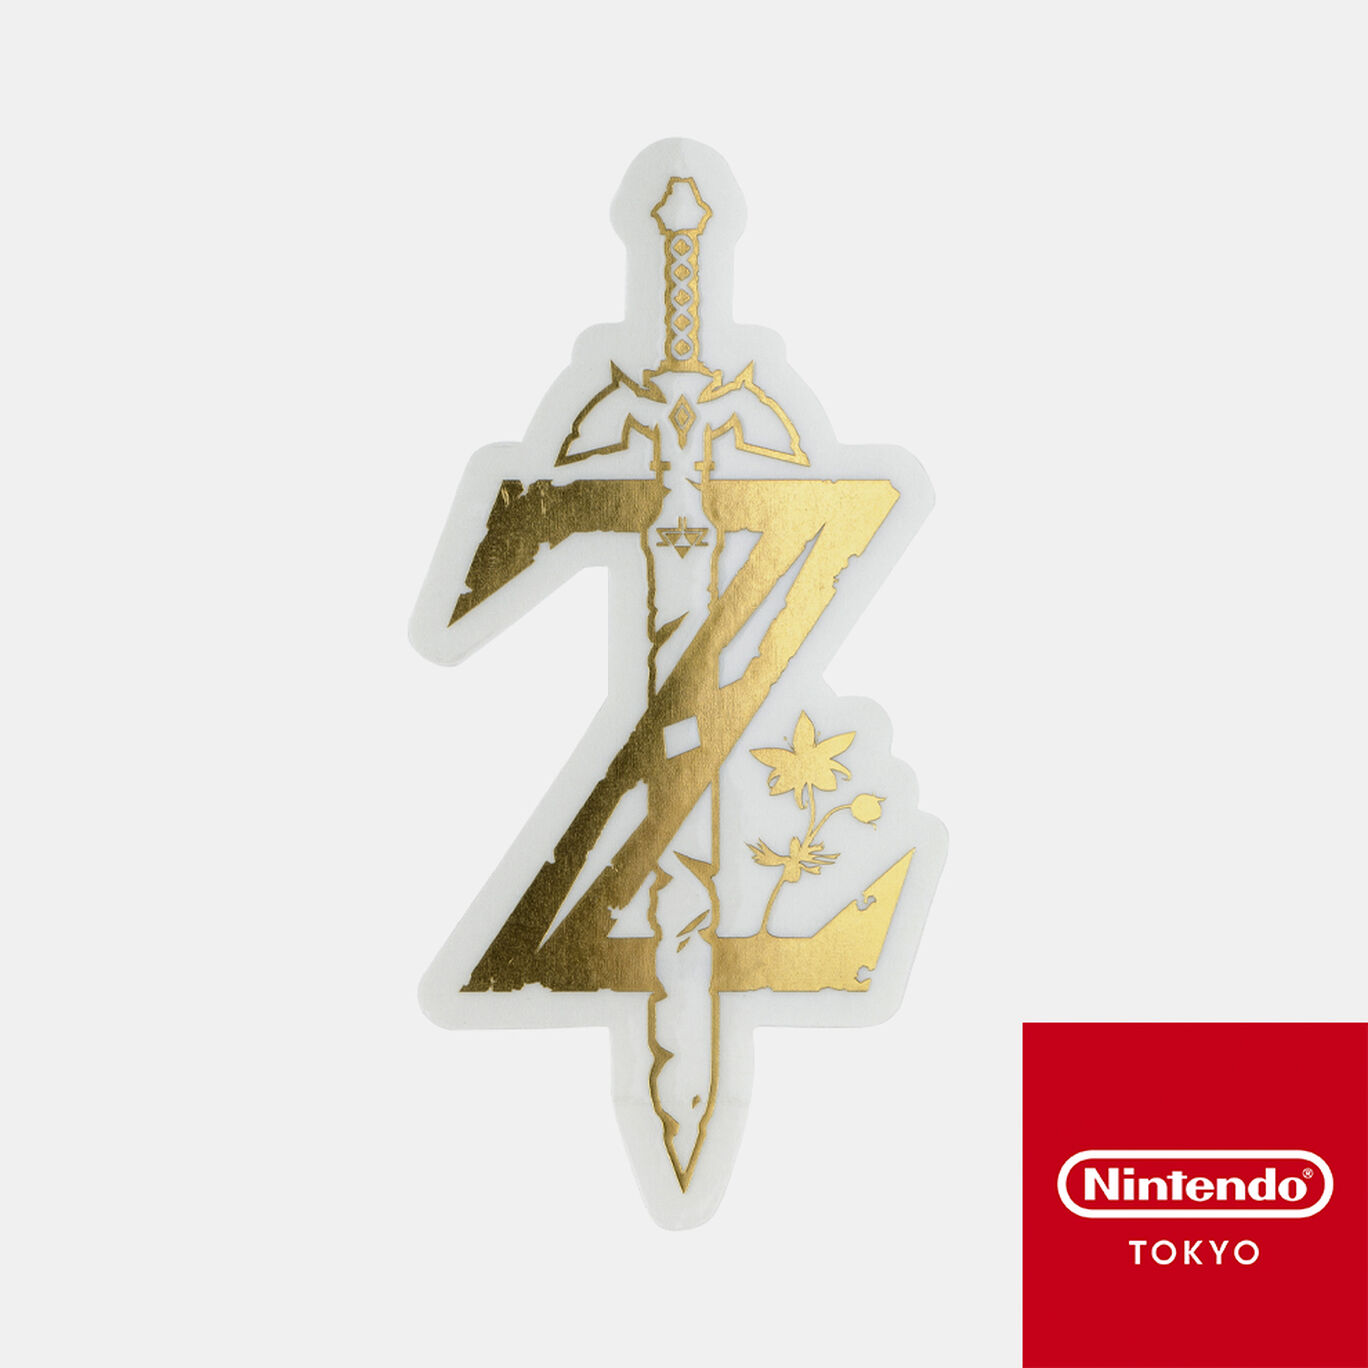 ダイカットステッカー ゼルダの伝説 C【Nintendo TOKYO取り扱い商品】